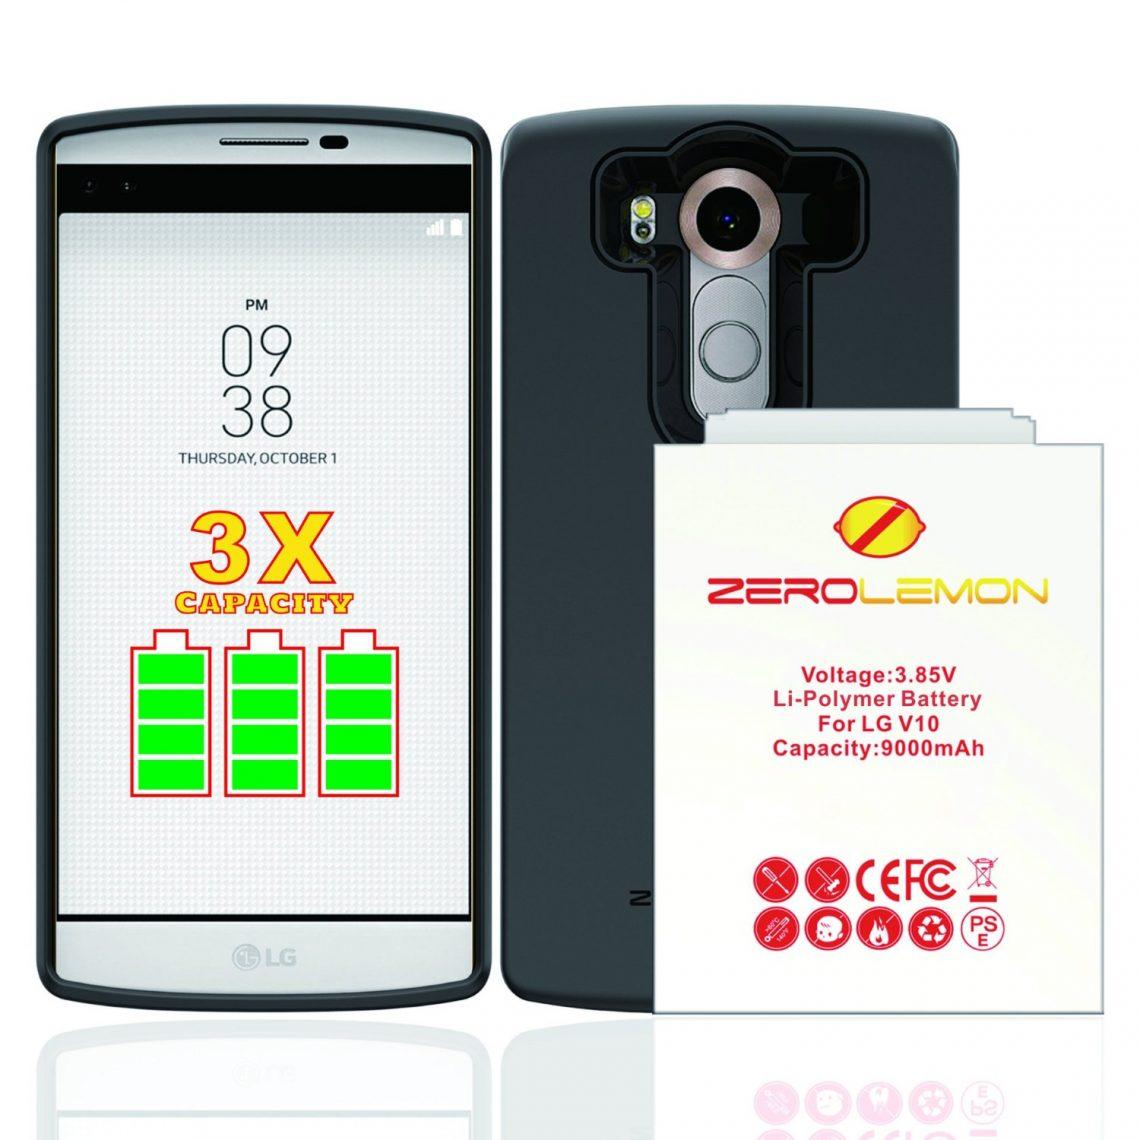 แบตเตอรี่ 9,000 mAh จาก ZeroLemon สำหรับ LG V10 พร้อมให้คุณเป็นเจ้าของแล้วใน Amazon !!!